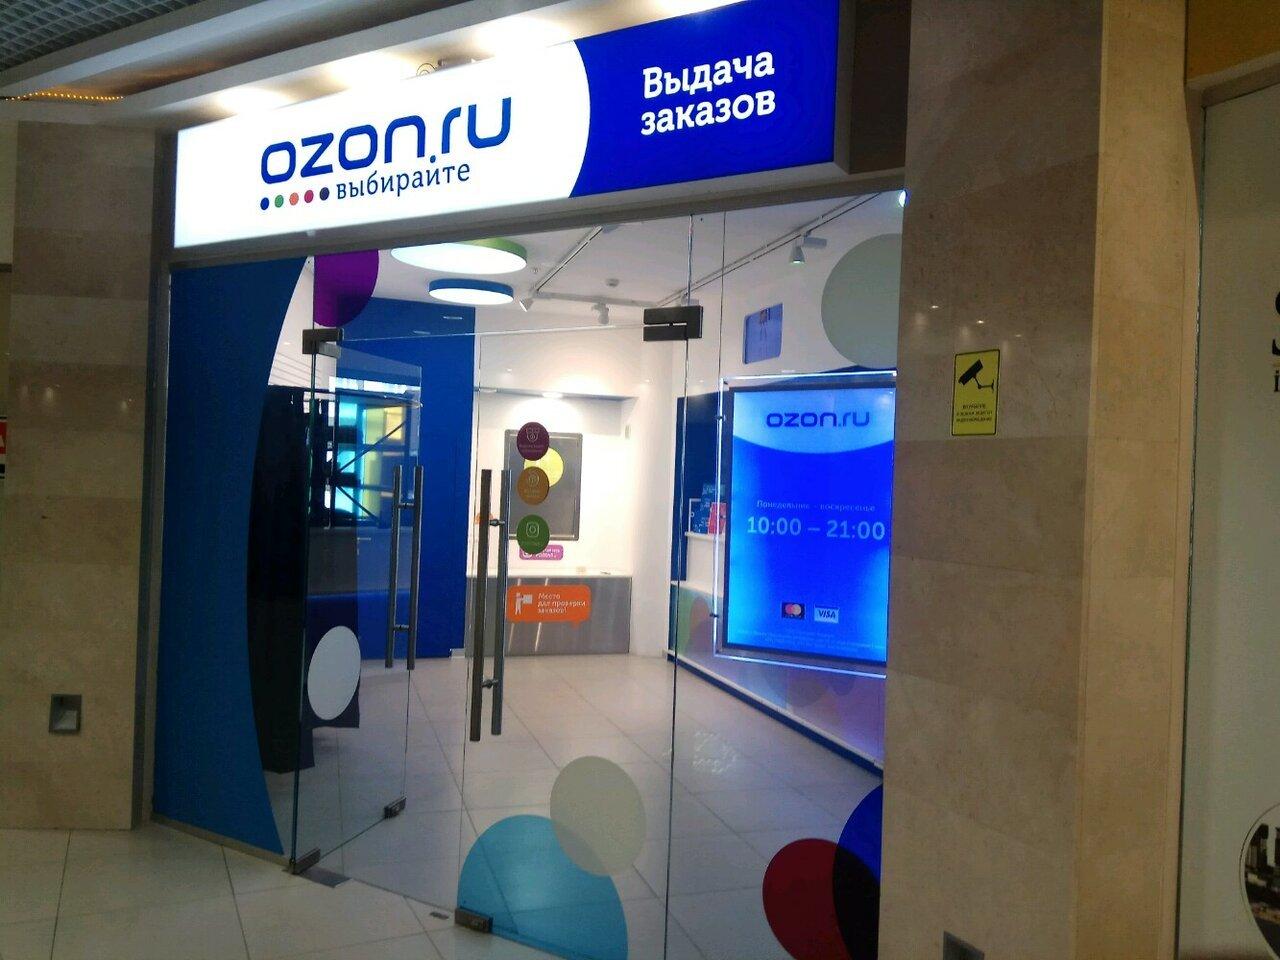 Интернет-торговля интересуется помещениями стрит-ритейла в центре Москвы